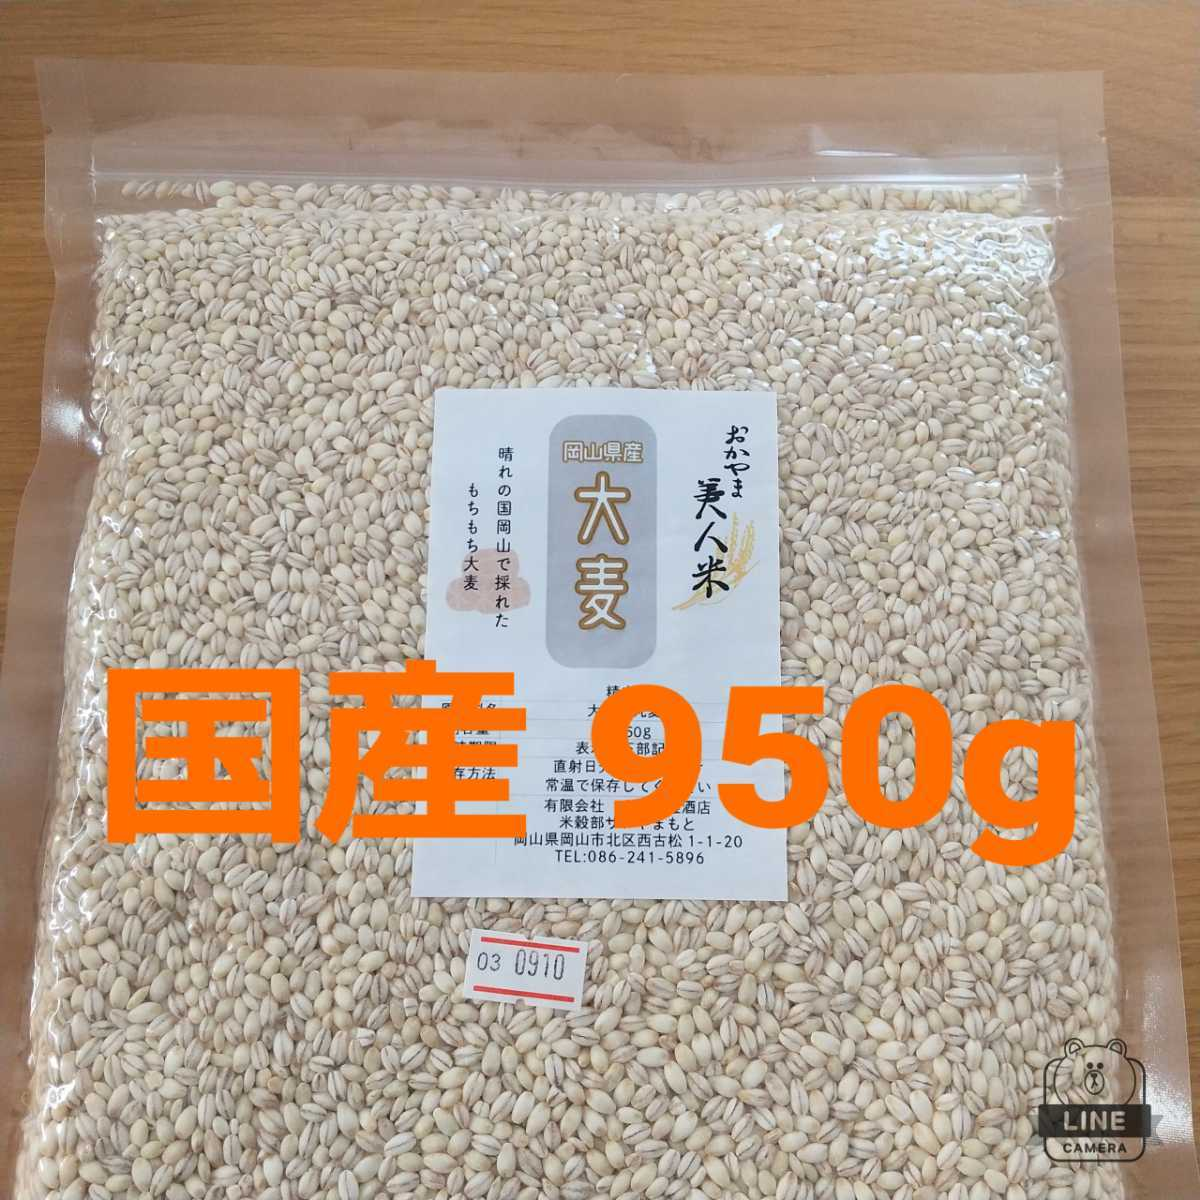 送料無料★国産 岡山県産 丸麦 950g 雑穀 大麦 _画像1